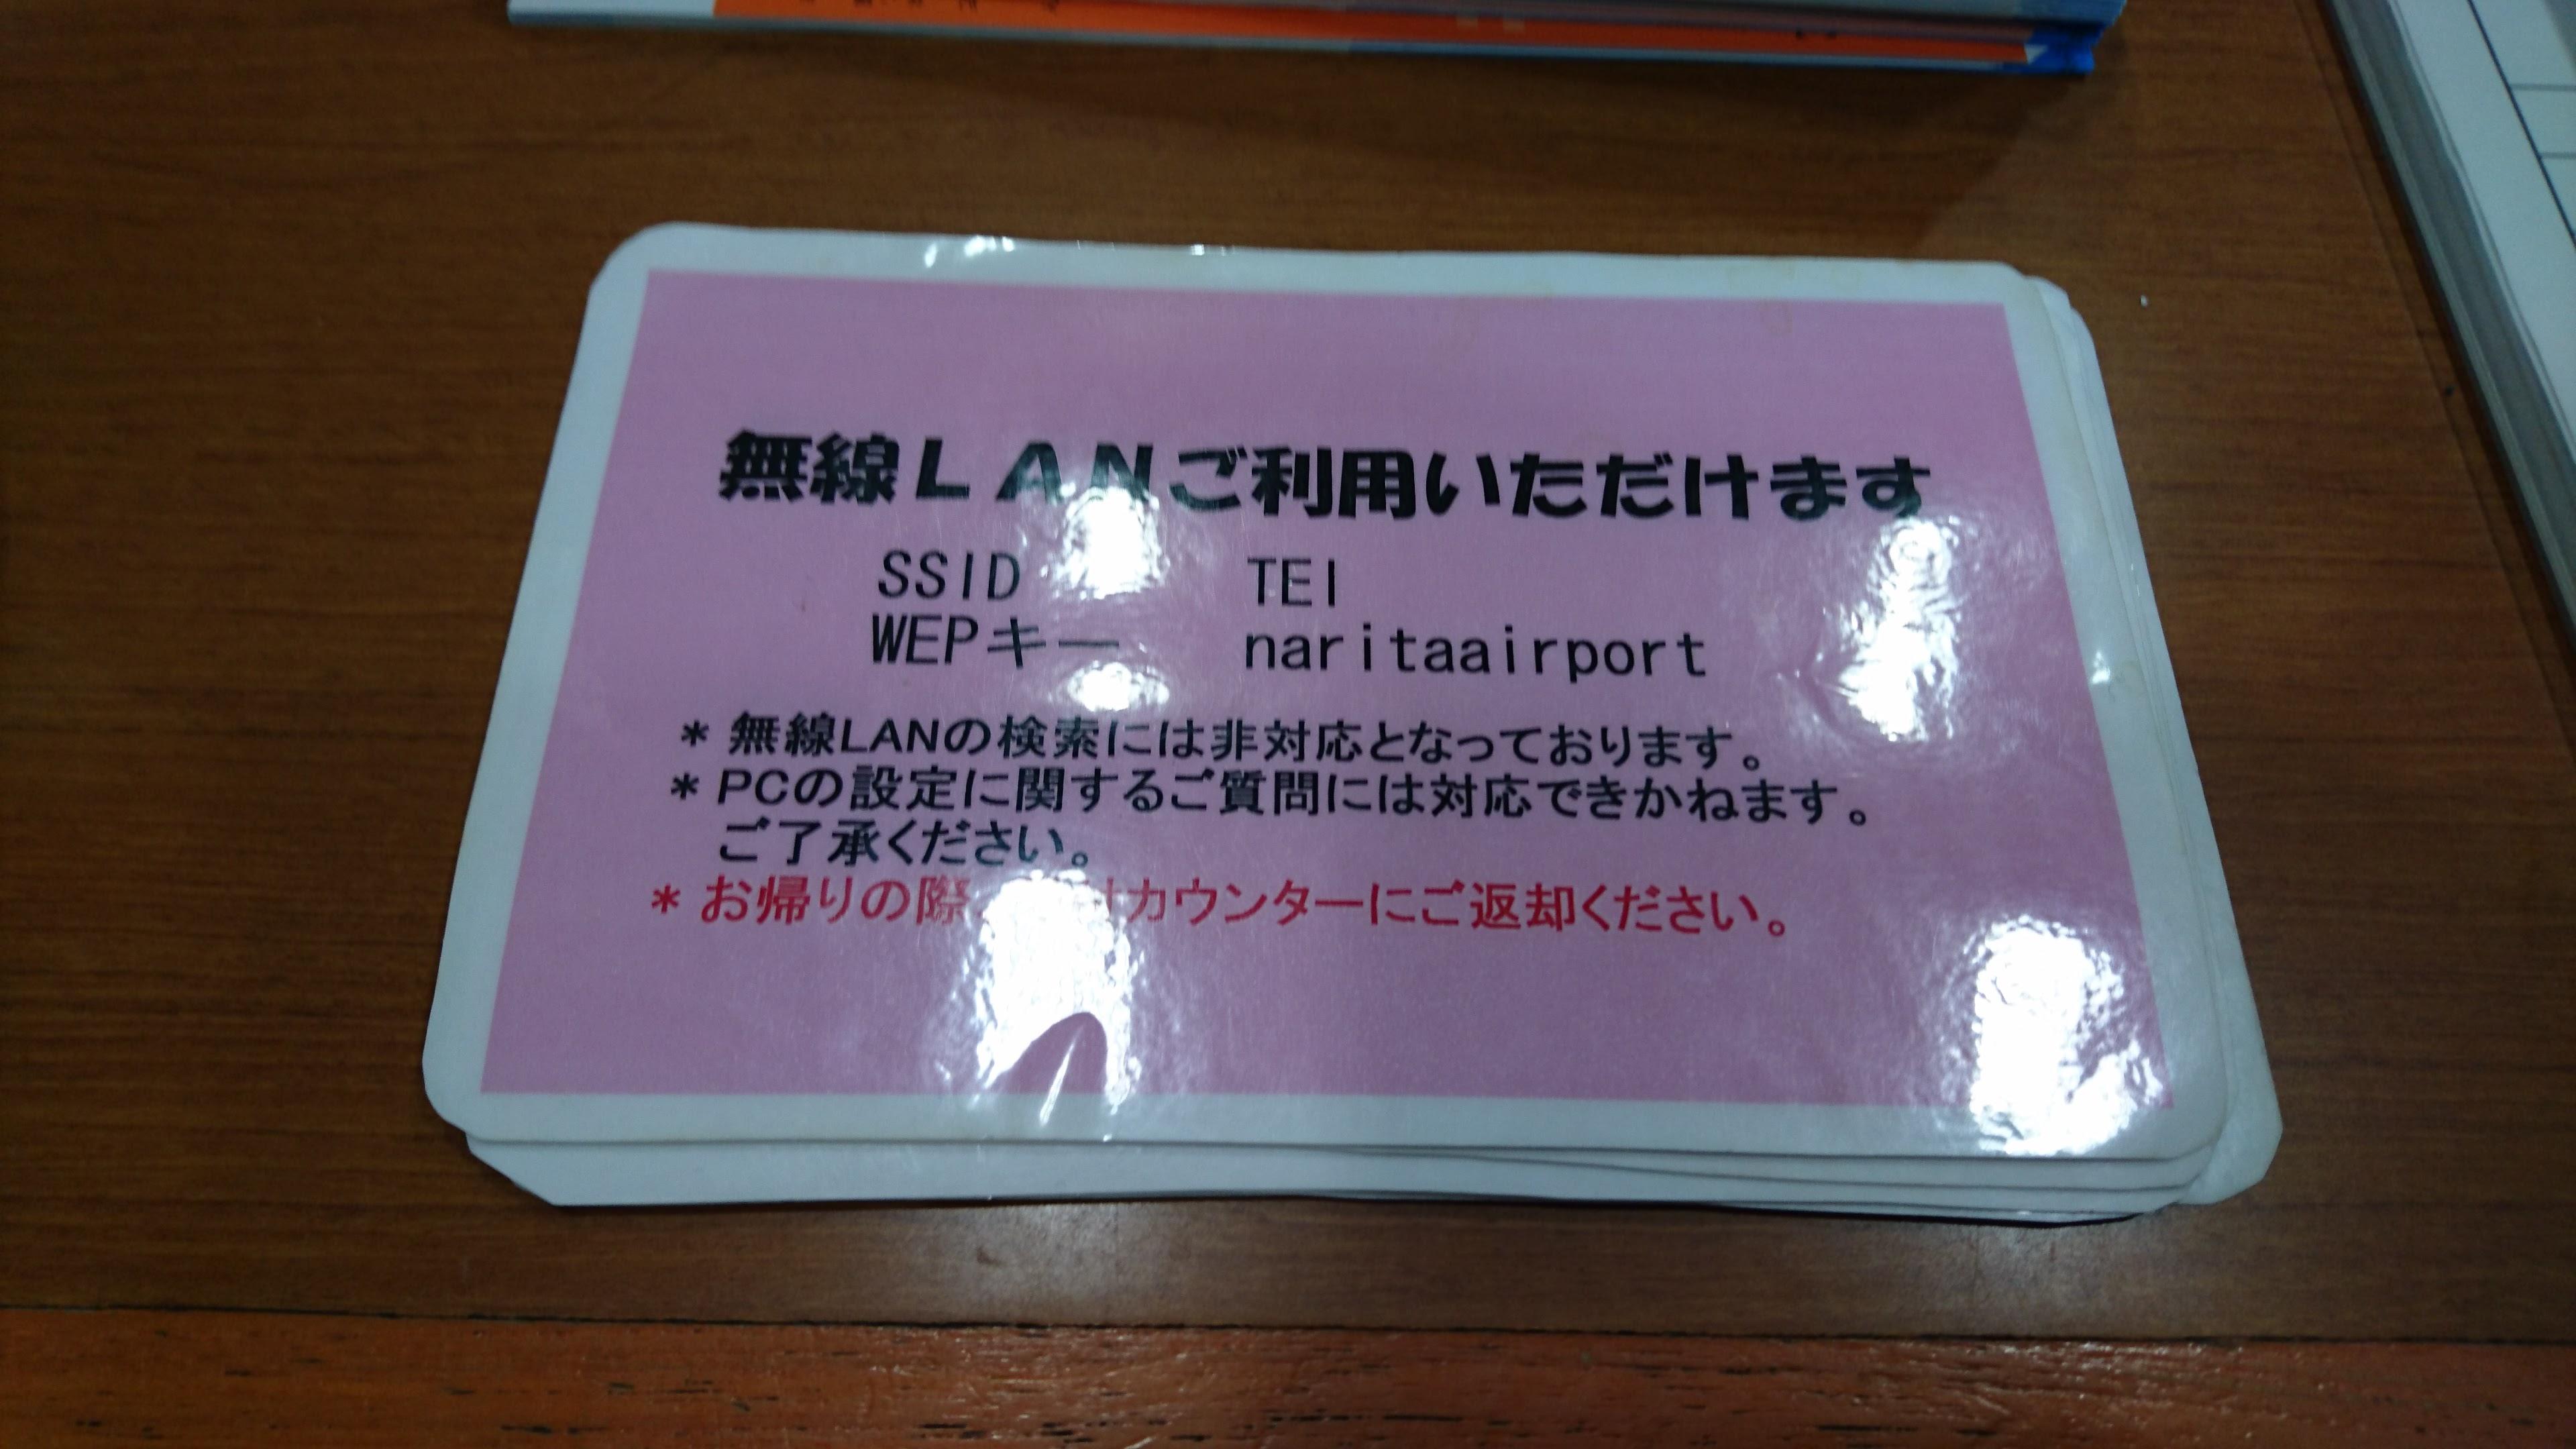 lounge_narita_1_tei_006